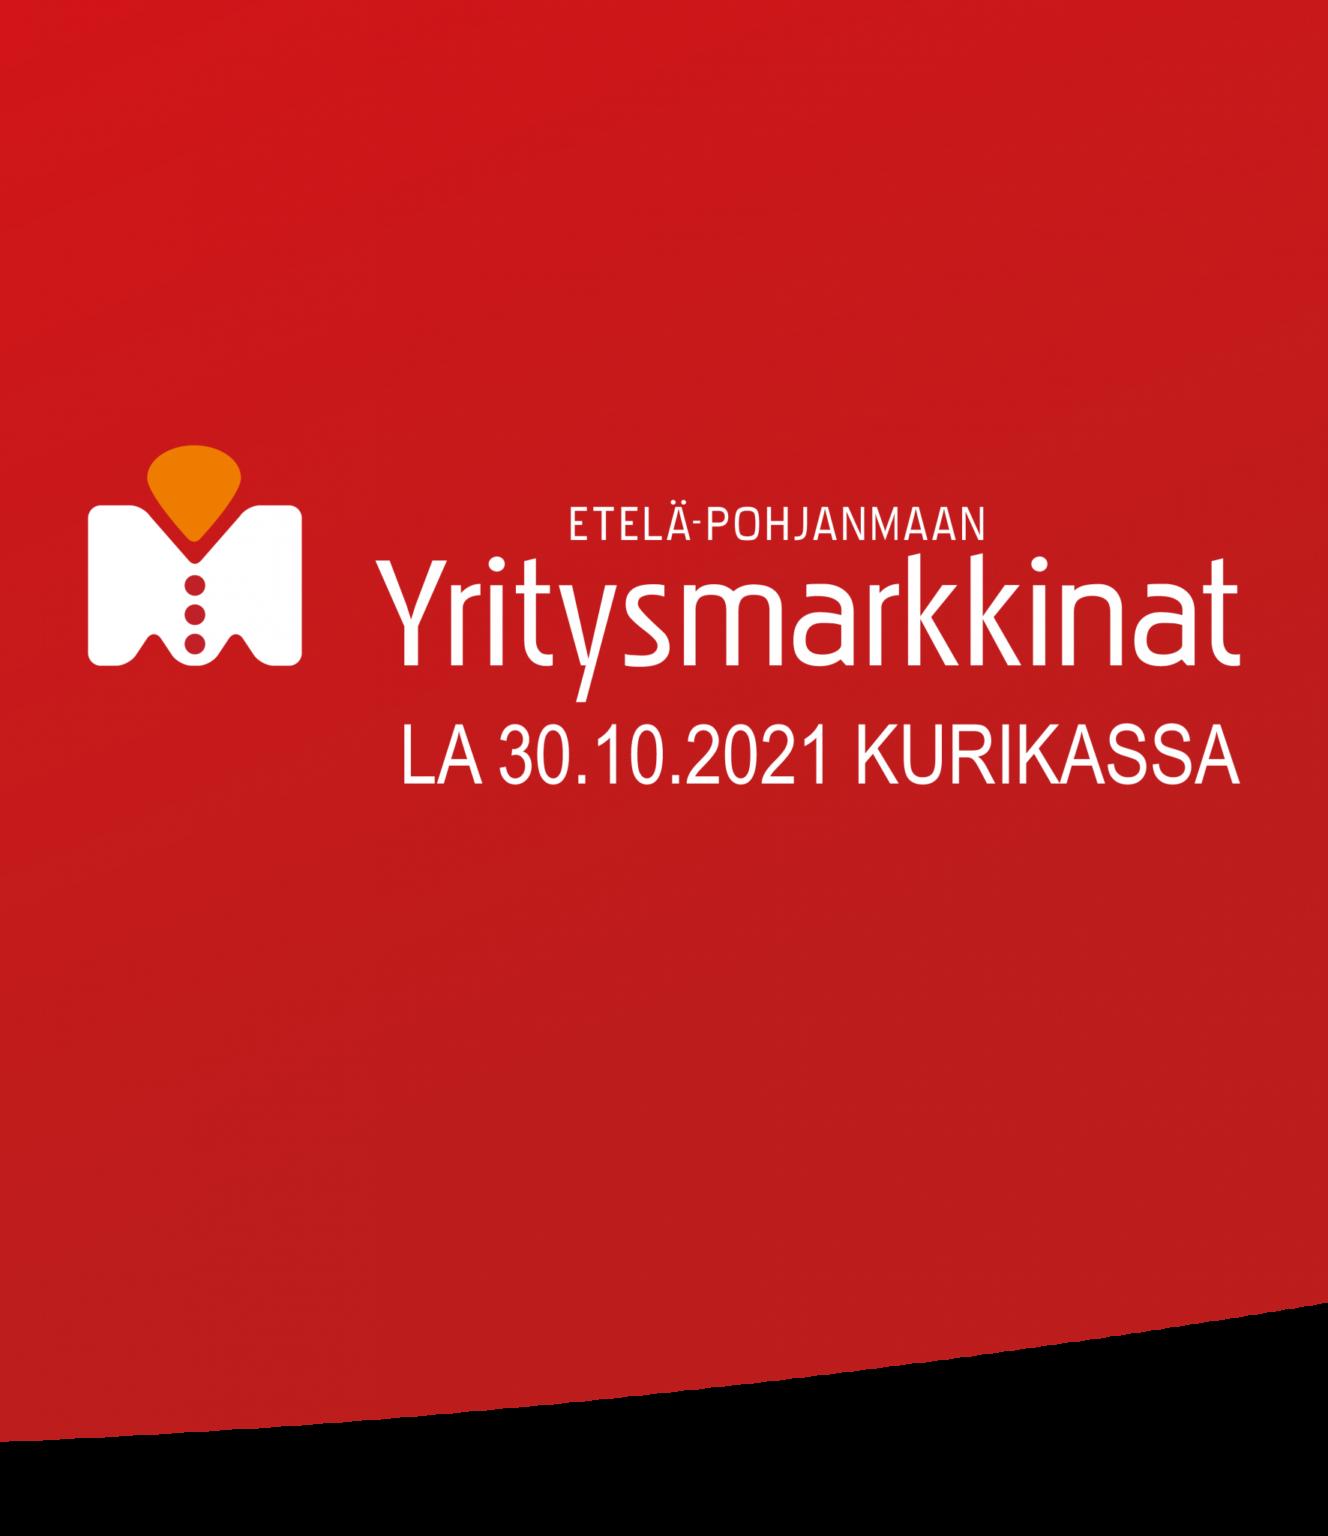 punaisella pohjalla teksti etelä-pohjanmaan yritysmarkkinat la 30.10.2021 Kurikassa. Tekstin vieressä yritysmarkkinoiden logo